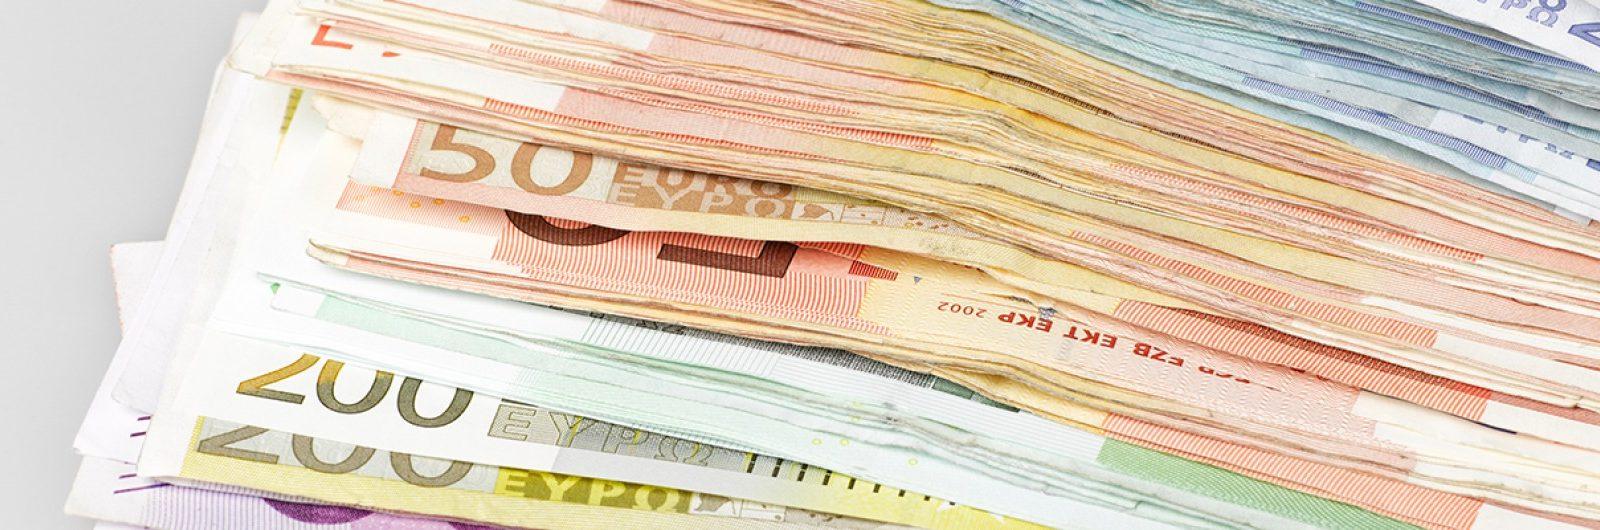 Fast Track vai investir 1 milhão de dólares em startups